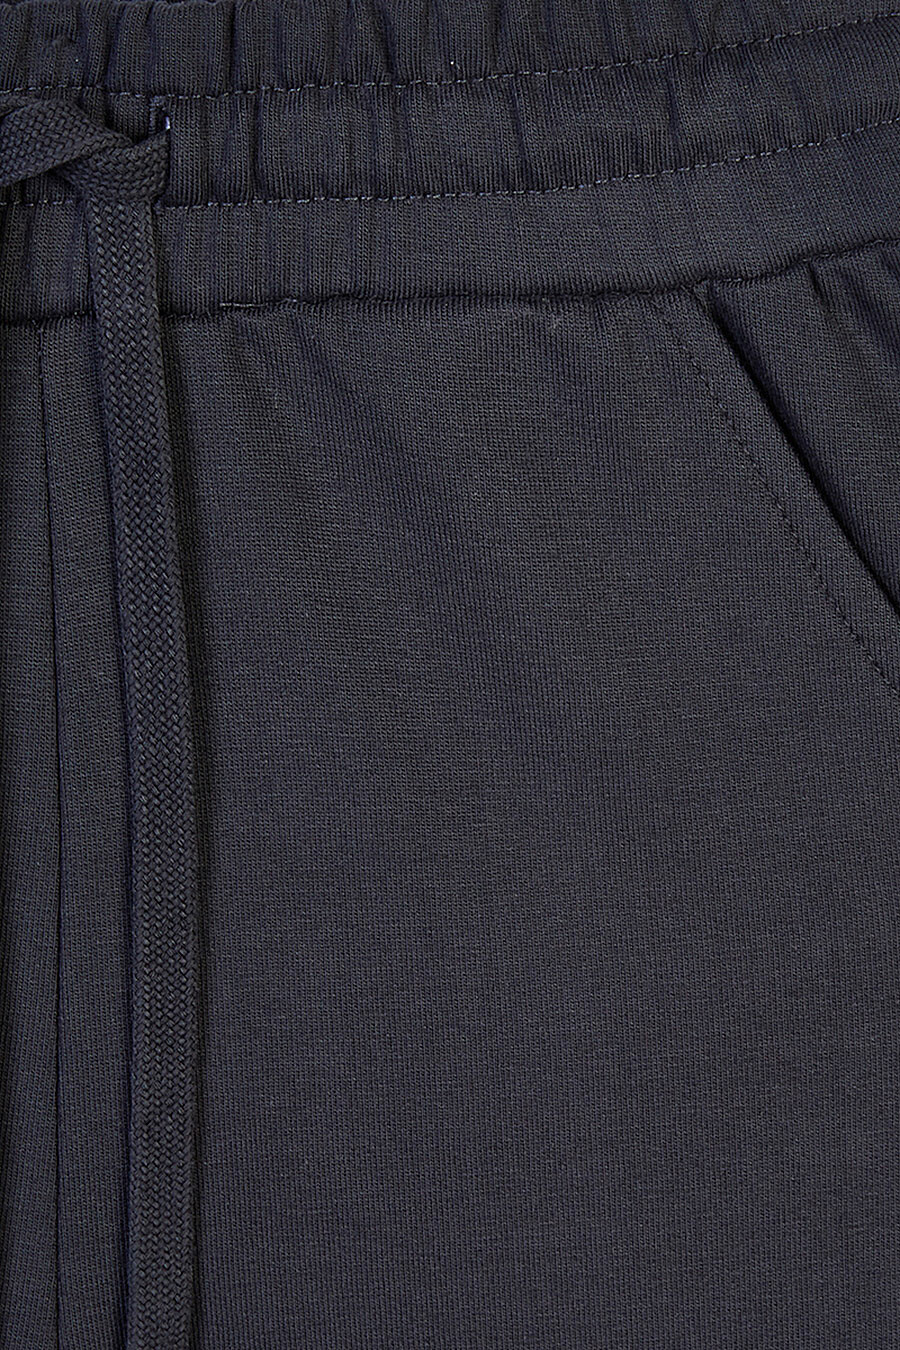 Костюм (Шорты+Свитшот) для мальчиков KOGANKIDS 682776 купить оптом от производителя. Совместная покупка детской одежды в OptMoyo